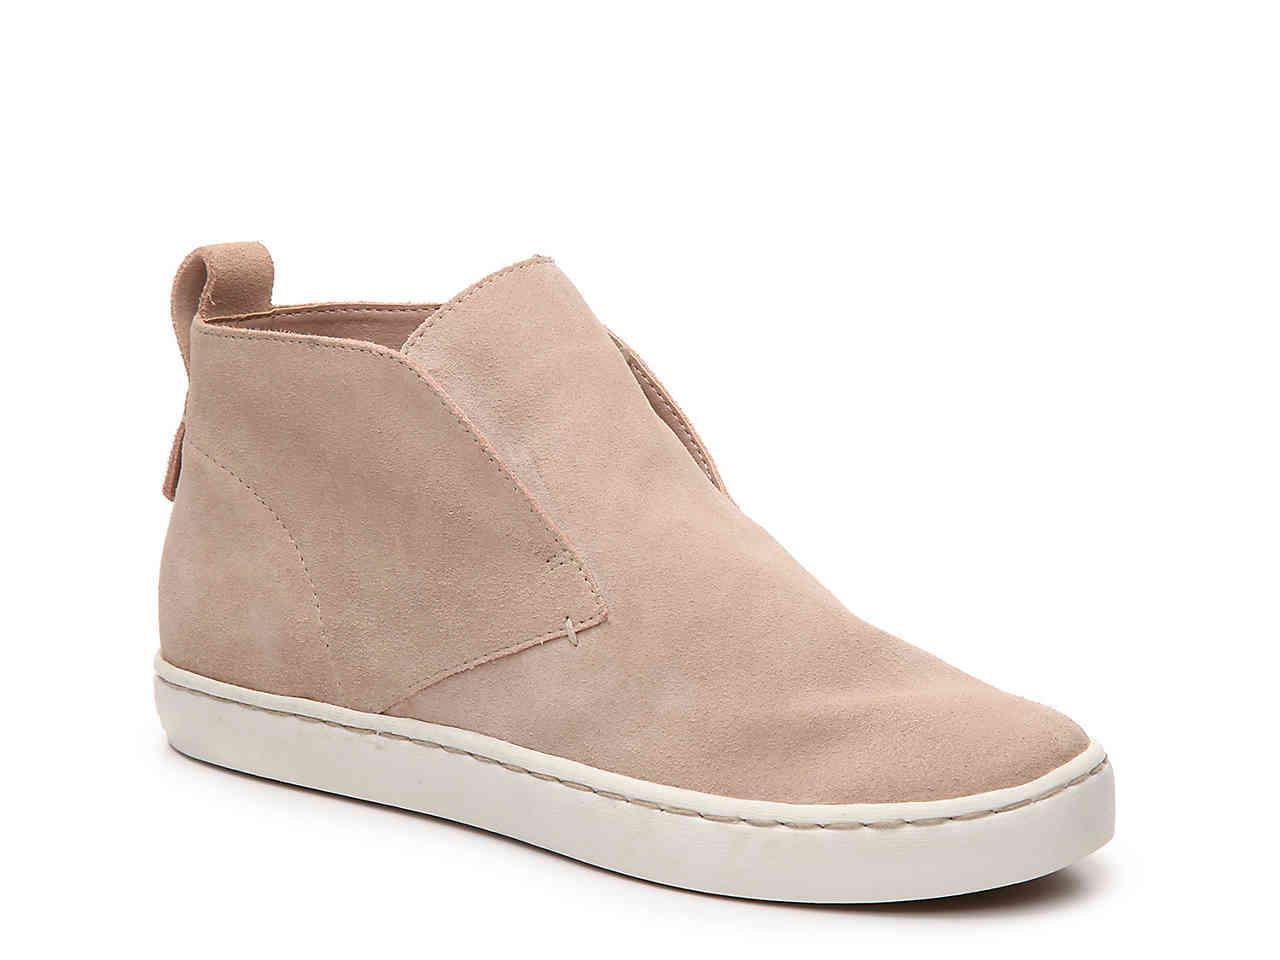 Dolce Vita Zunie Wedge Slip-on Sneaker